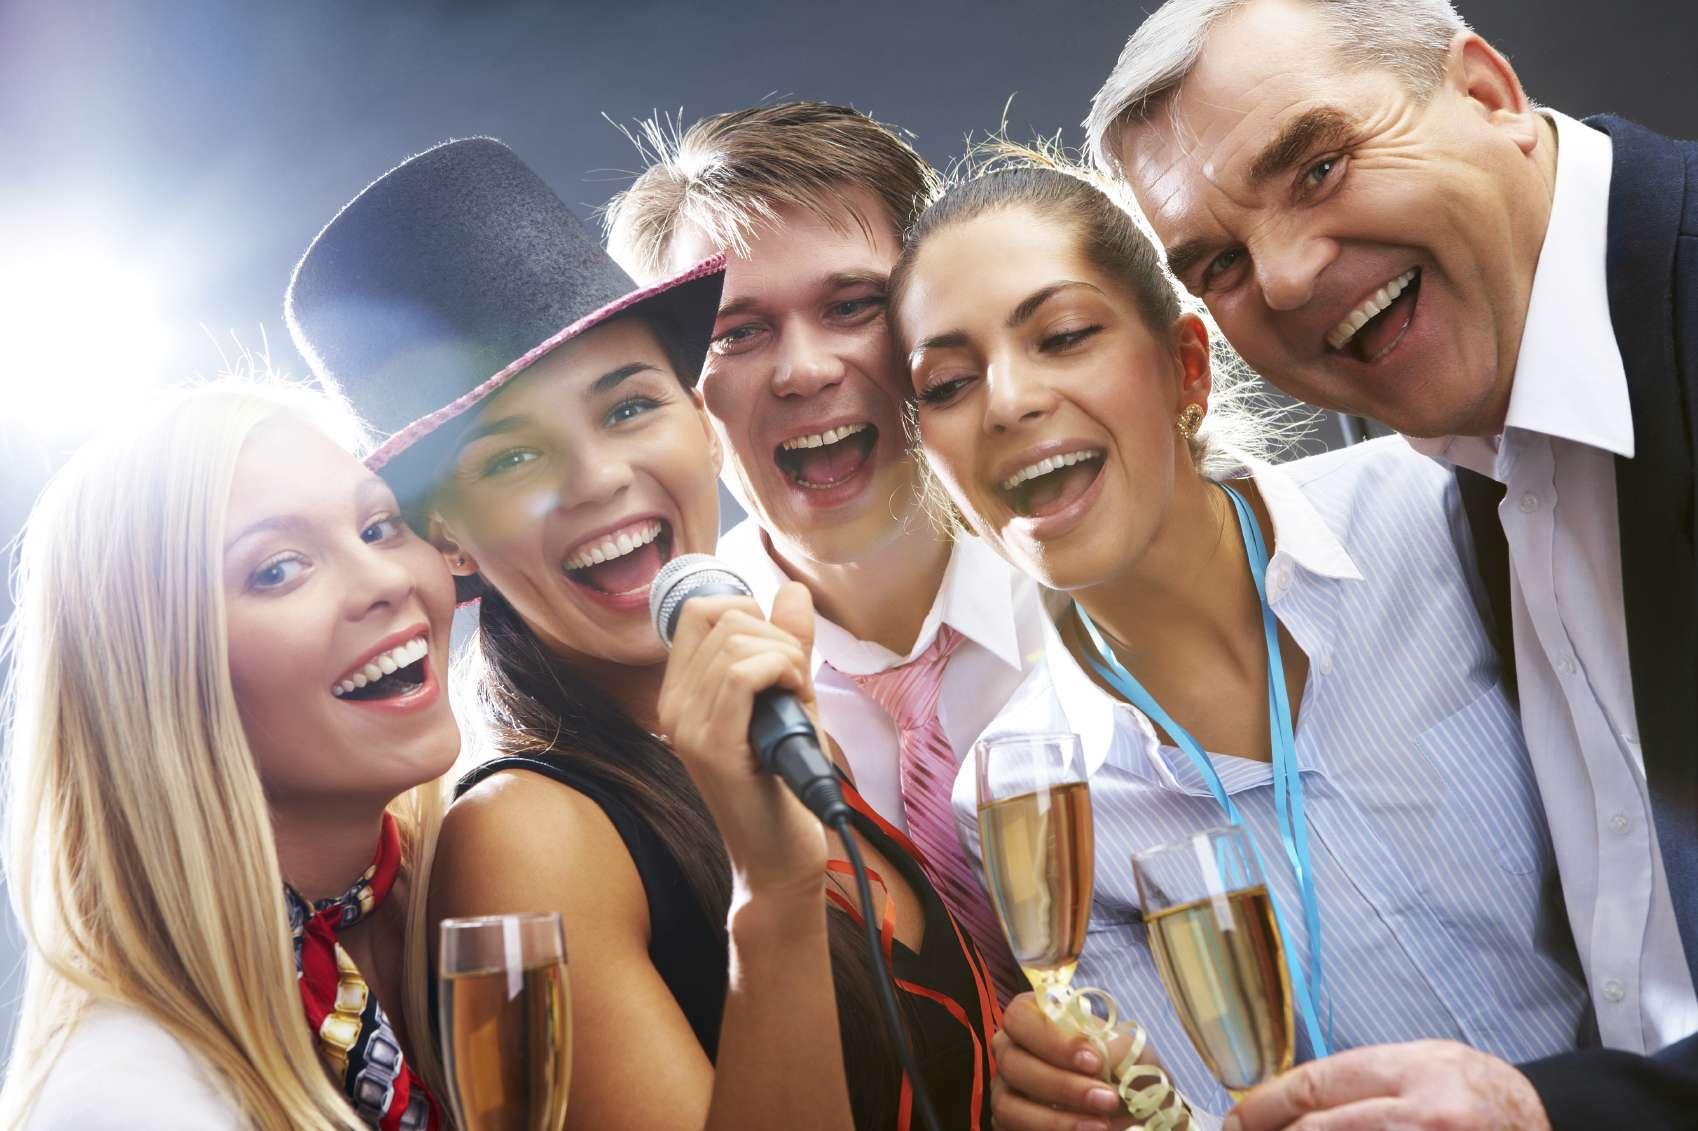 Recuerda que lo más importante al celebrar es convivir con nuestros seres queridos. Foto: iStock